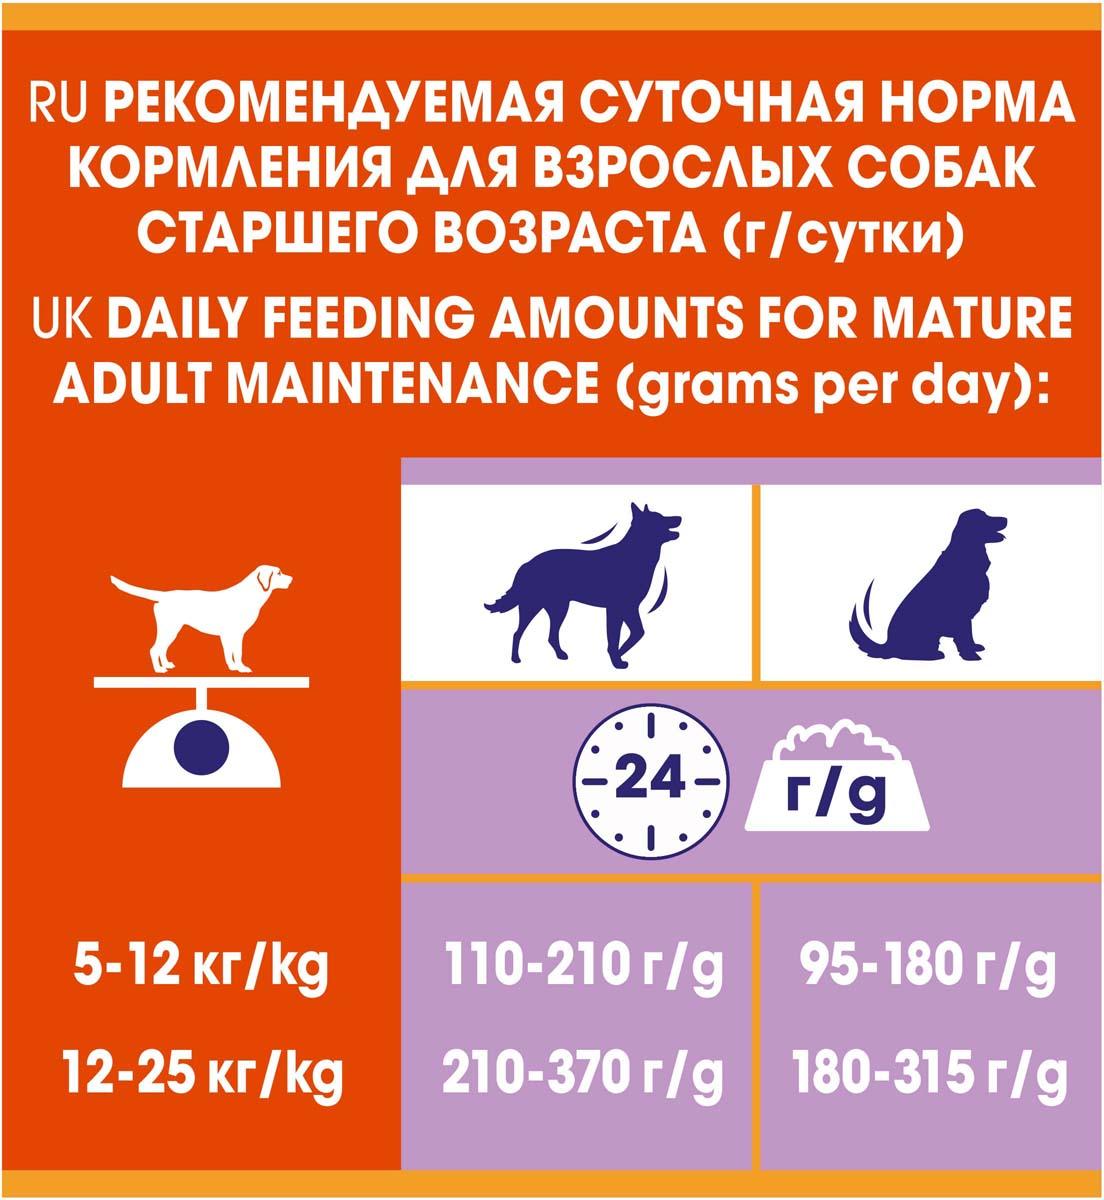 Сухой_корм_~Dog_Chow~_-_100%25_полнорационное_сбалансированное_питание_для_взрослых_собак_старшего_возраста._Корм_с_высоким_содержание_мяса_помогает_взрослым_собакам_сохранять_оптимальную_мышечную_массу_тела_и_поддерживать_хорошую_работу_сердца._Необходимое_содержание_белков_и_жиров,_тщательно_сбалансированное_для_поддержания_оптимальной_массы_тела_взрослой_собаки_старшего_возраста._Содержит_натуральный_пребиотик,_улучшающий_работу_пищеварительной_системы._Цикорий_-_источник_натурального_пребиотика,_который,_как_показали_исследования,_способствует_росту_численности_полезных_кишечных_бактерий_и_нормализации_деятельности_пищеварительной_системы._Гранулы_двух_видов_для_гигиены_полости_рта._Специальная_форма_и_текстура_гранул_способствует_пережевыванию_и_поддержанию_здоровья_полости_рта._Наши_диетологи_тщательно_протестировали_это_сочетание_гранул_для_гарантии_того,_что_они_подходят_и_нравятся_взрослым_собакам_различных_пород._Незаменимые_аминокислоты_для_поддержания_функции_жизненно_важных_органов,_включая_сердце._Содержит_витамин_А,_помогающий_сохранить_хорошее_зрение._Незаменимые_жирные_кислоты_для_здоровой_кожи_и_красивой_блестящей_шерсти._Состав:_злаки,_мясо_и_продукты_переработки_мяса_(8%25),_экстракт_растительного_белка,_масла_и_жиры,_продукты_переработки_сырья_растительного_происхождения,_овощи_(сухой_корень_цикория),_минеральные_вещества,_витамины._Добавленные_вещества_(на_1_кг):_витамин_А_18200_МЕ,_витамин_D3_1060_МЕ,_витамин_Е_85_МЕ,_железо_230_мг,_йод_2,9_мг,_медь_33_мг,_марганец_17,5_мг,_цинк_372_мг,_селен_0,4_мг._Гарантируемые_показатели:_белок_23%25,_жир_10%25,_сырая_зола_8%25,_сырая_клетчатка_3%25._Вес:_14_кг._Товар_сертифицирован.